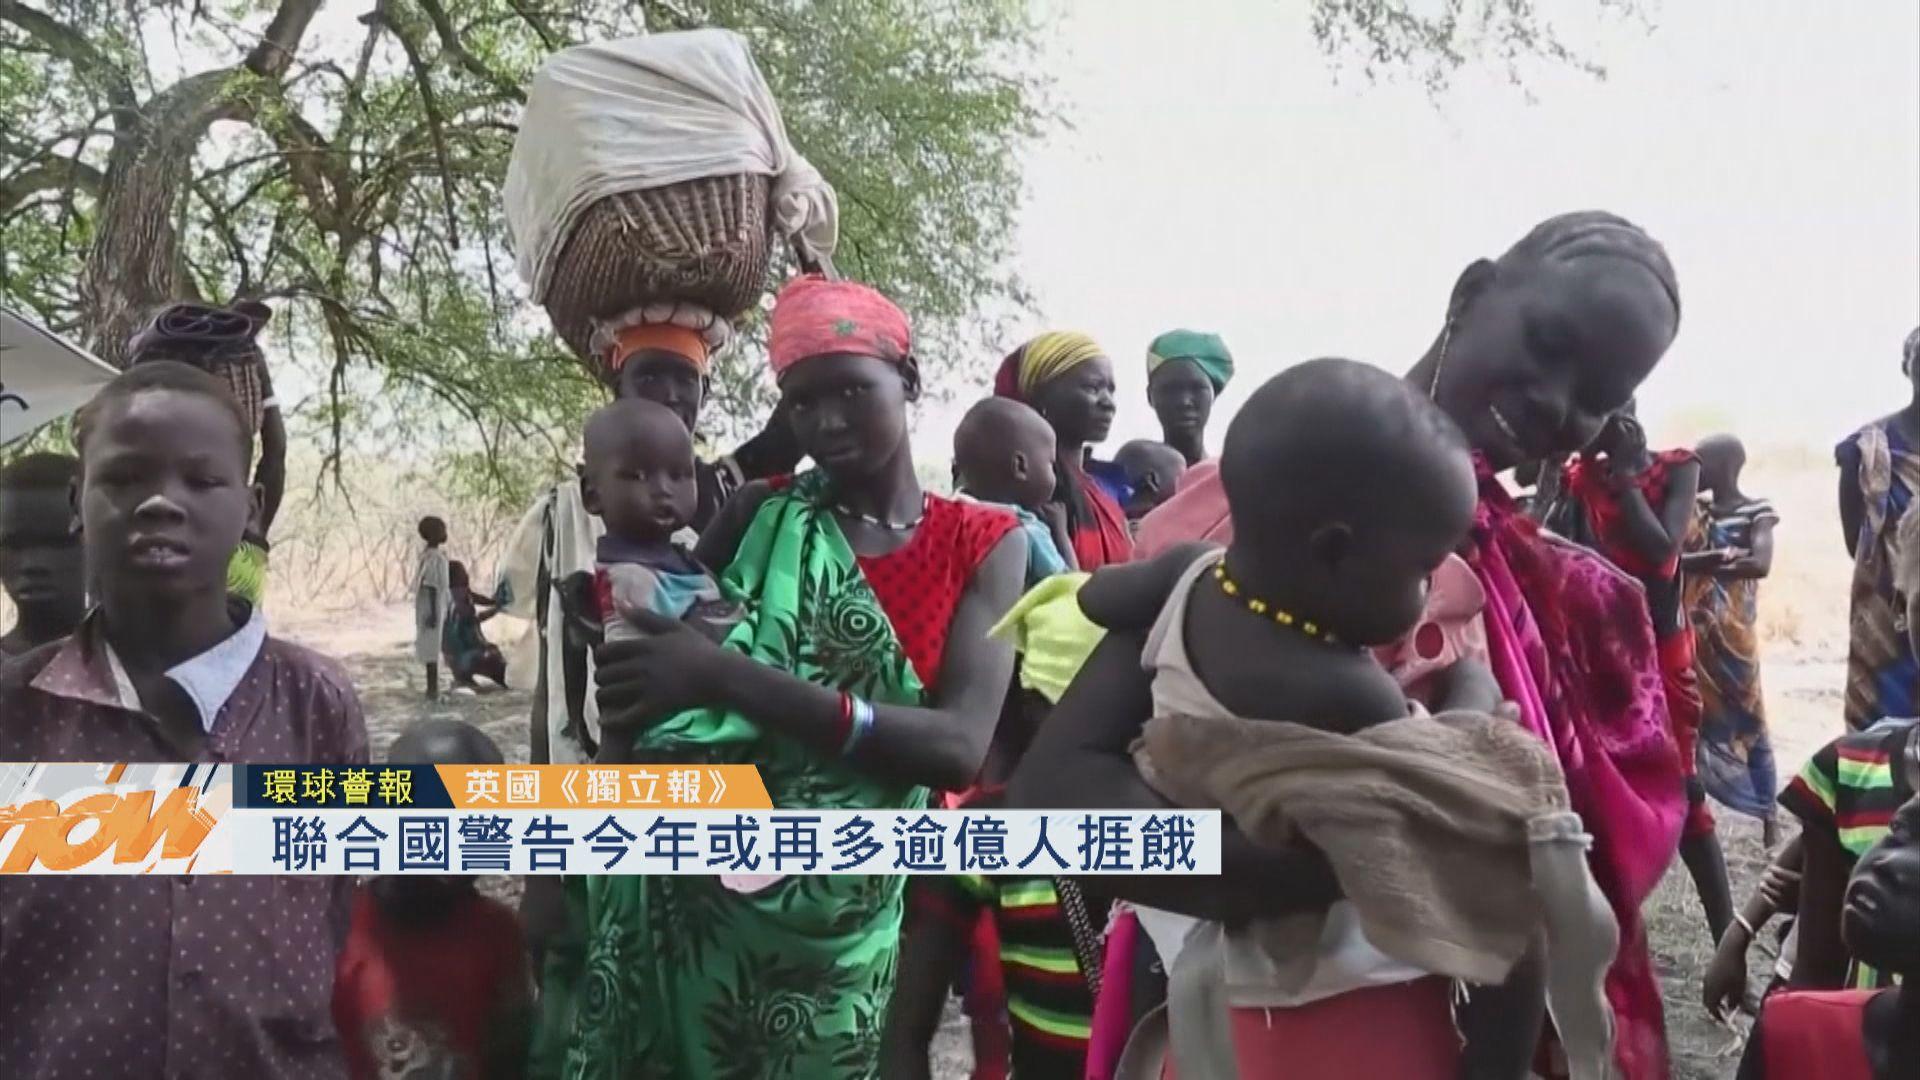 【環球薈報】聯合國警告今年或再多逾億人捱餓